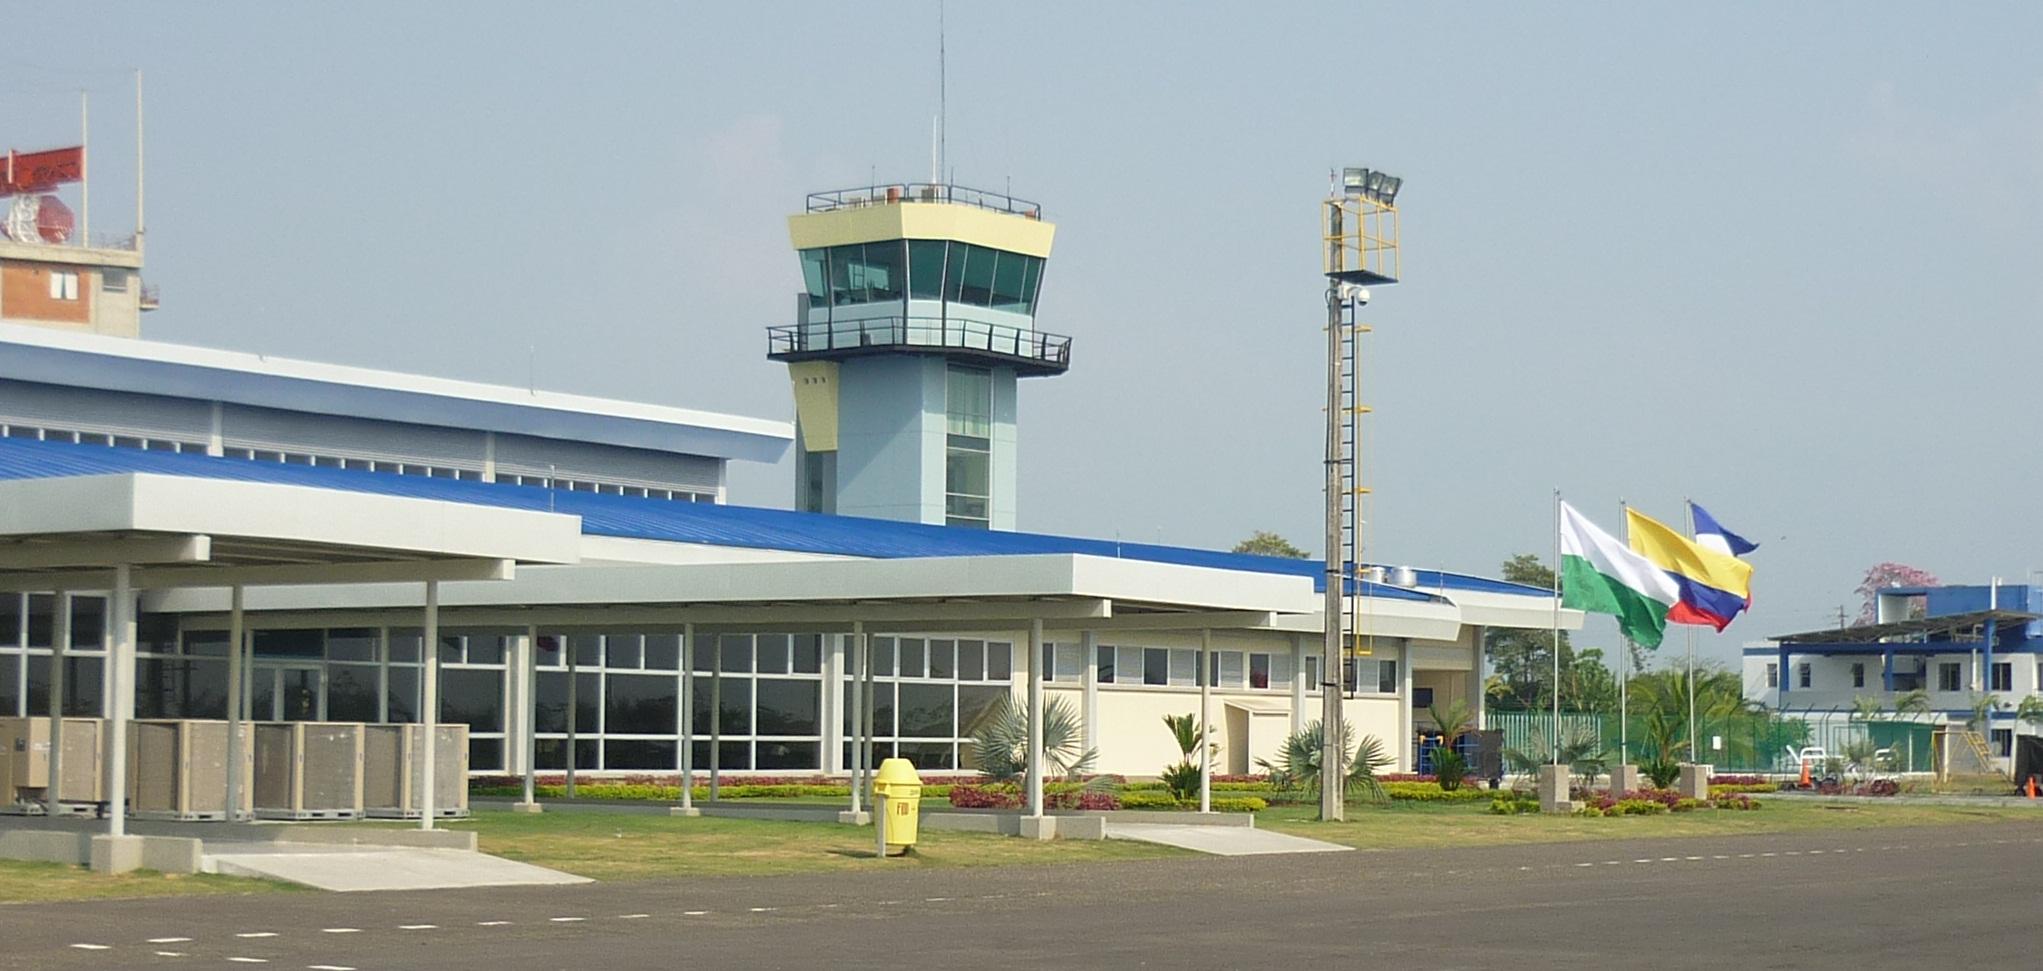 Imagen del aeropuerto de apartado